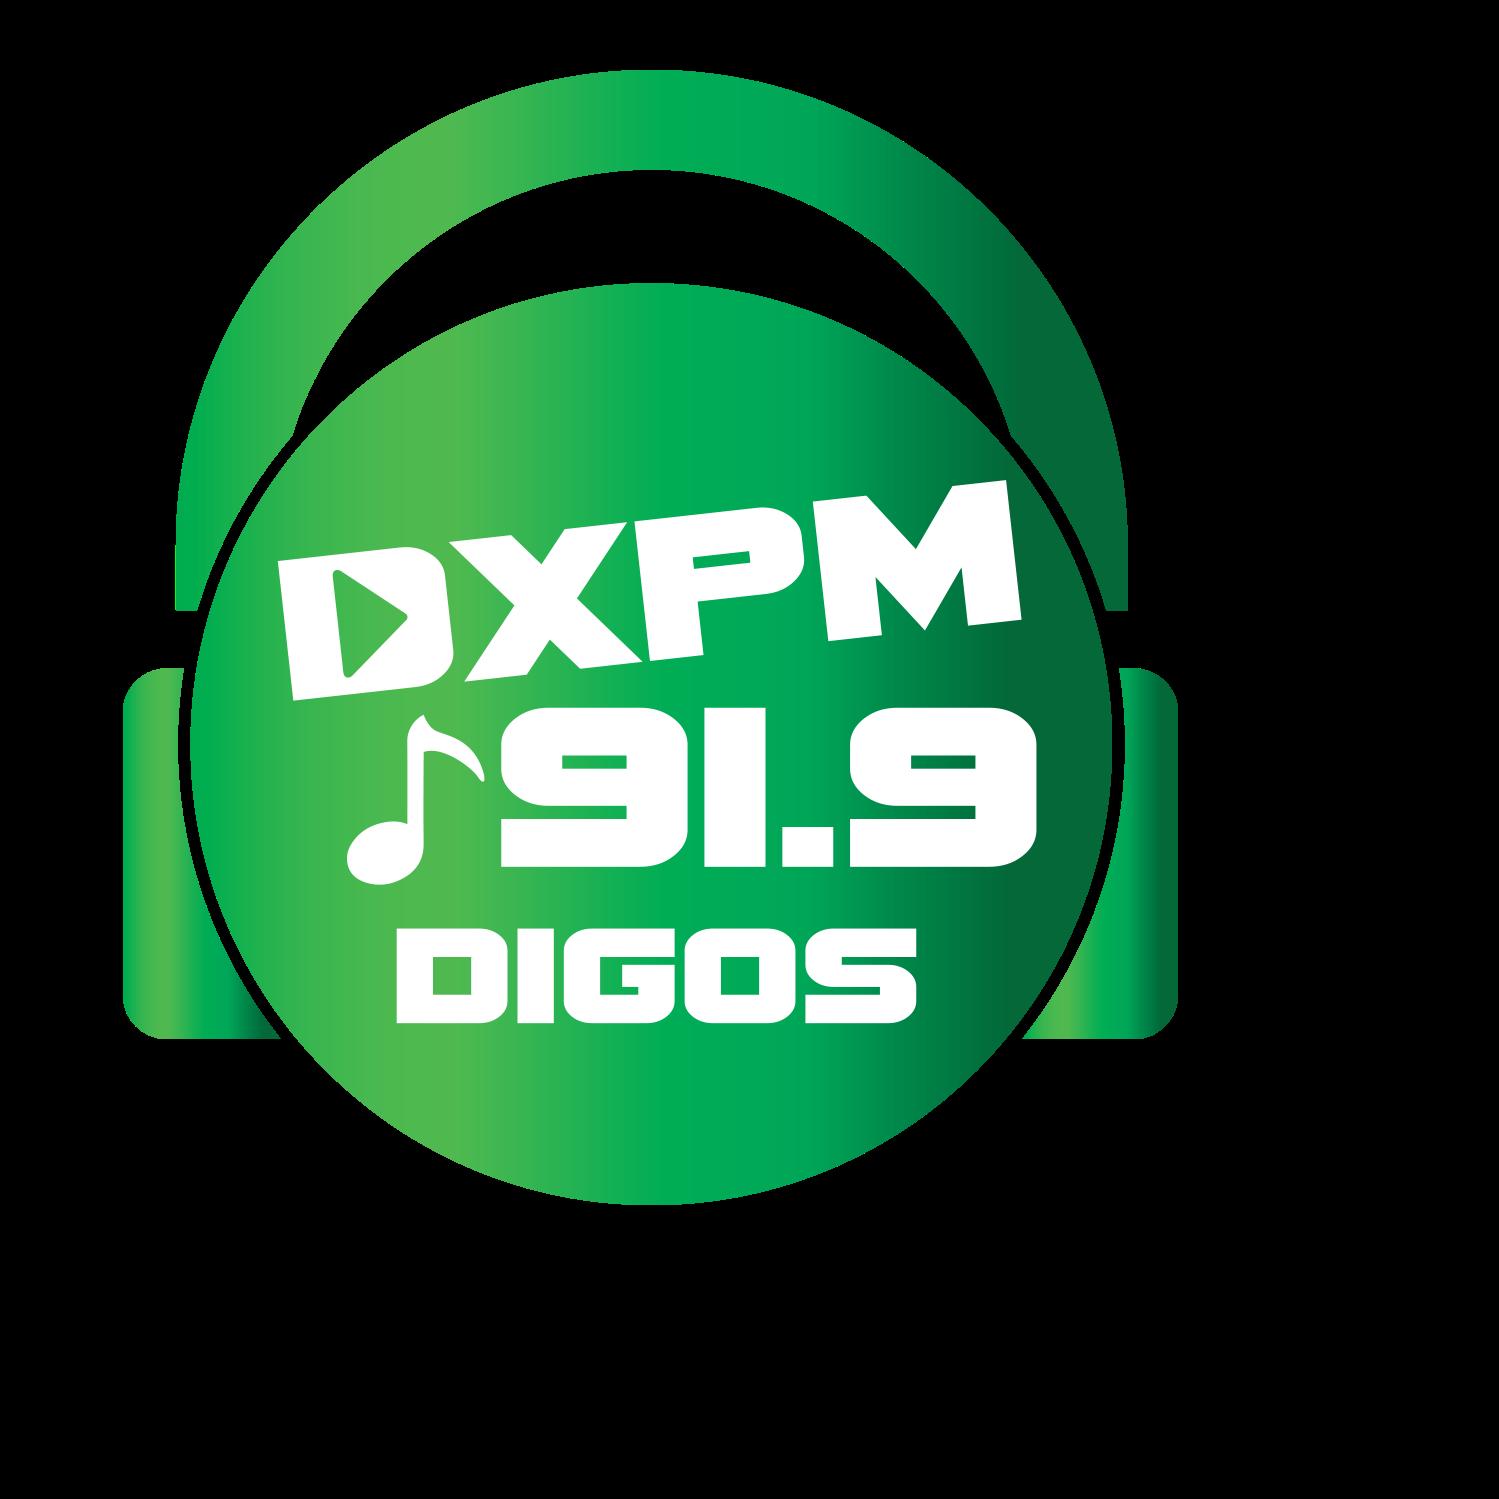 DXPM 91.9 DIGOS